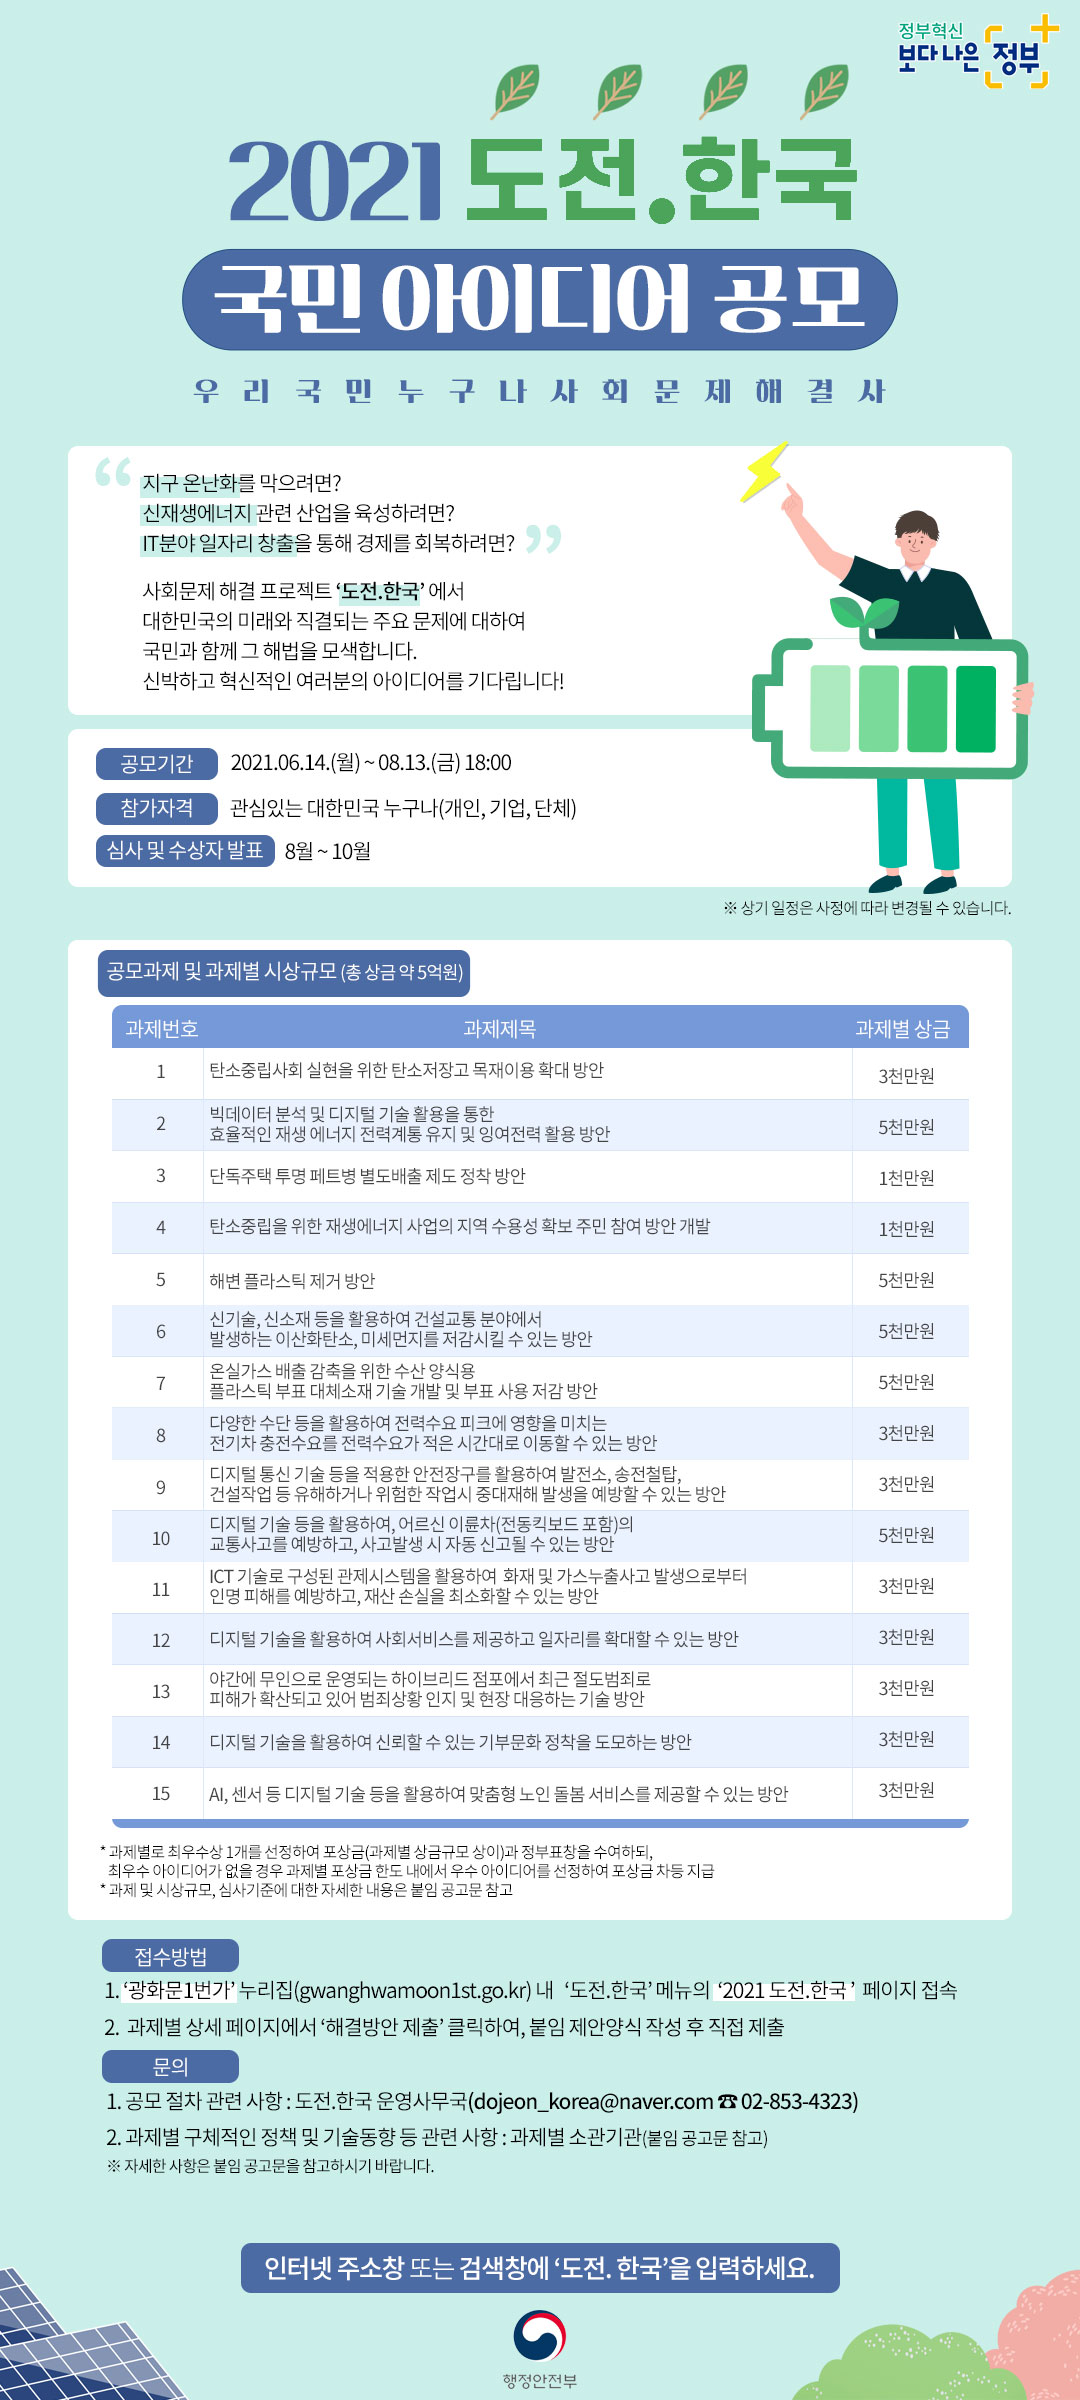 2021 도전 한국 국민 아이디어 공모